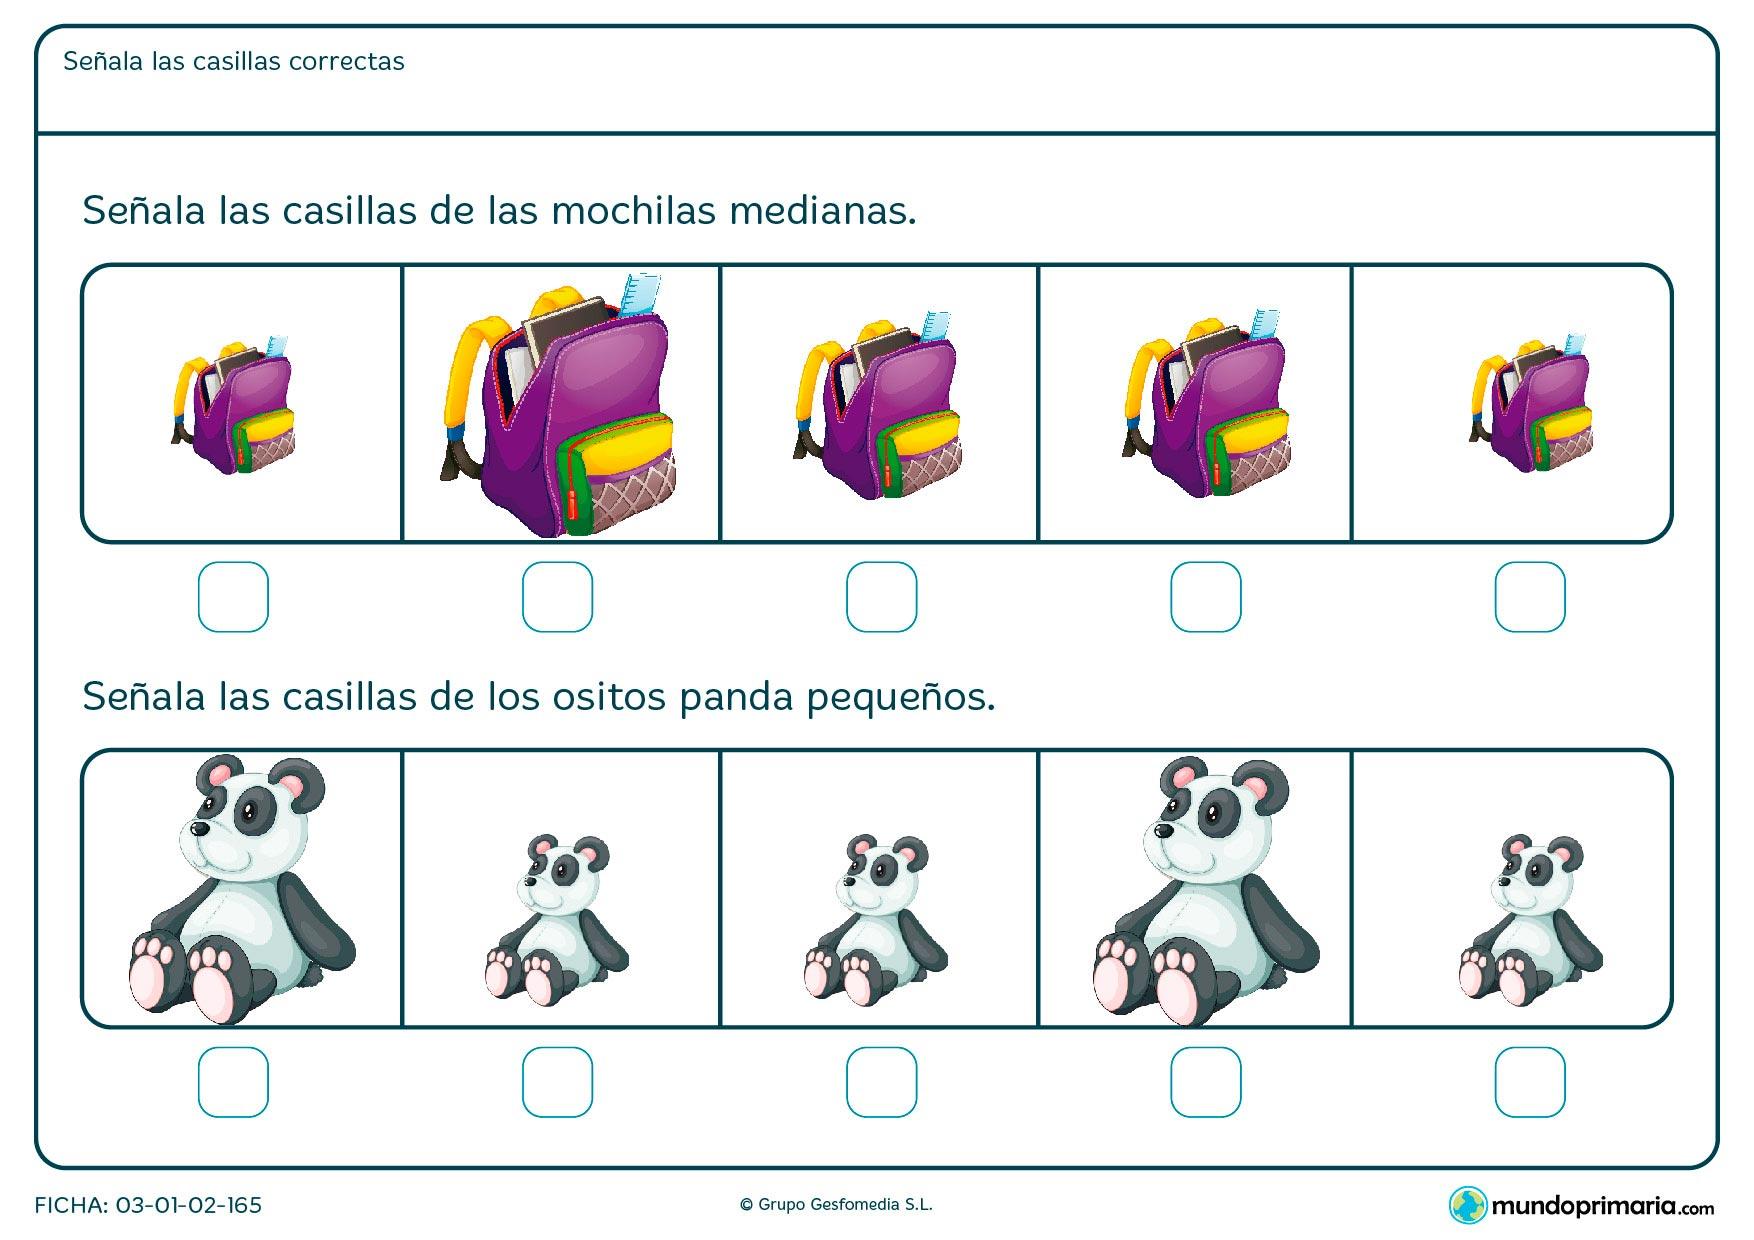 De los cinco dibujos ofrecidos en cada pregunta responde cuáles son las mochilas medianas y cuáles son los ositos panda pequeños.